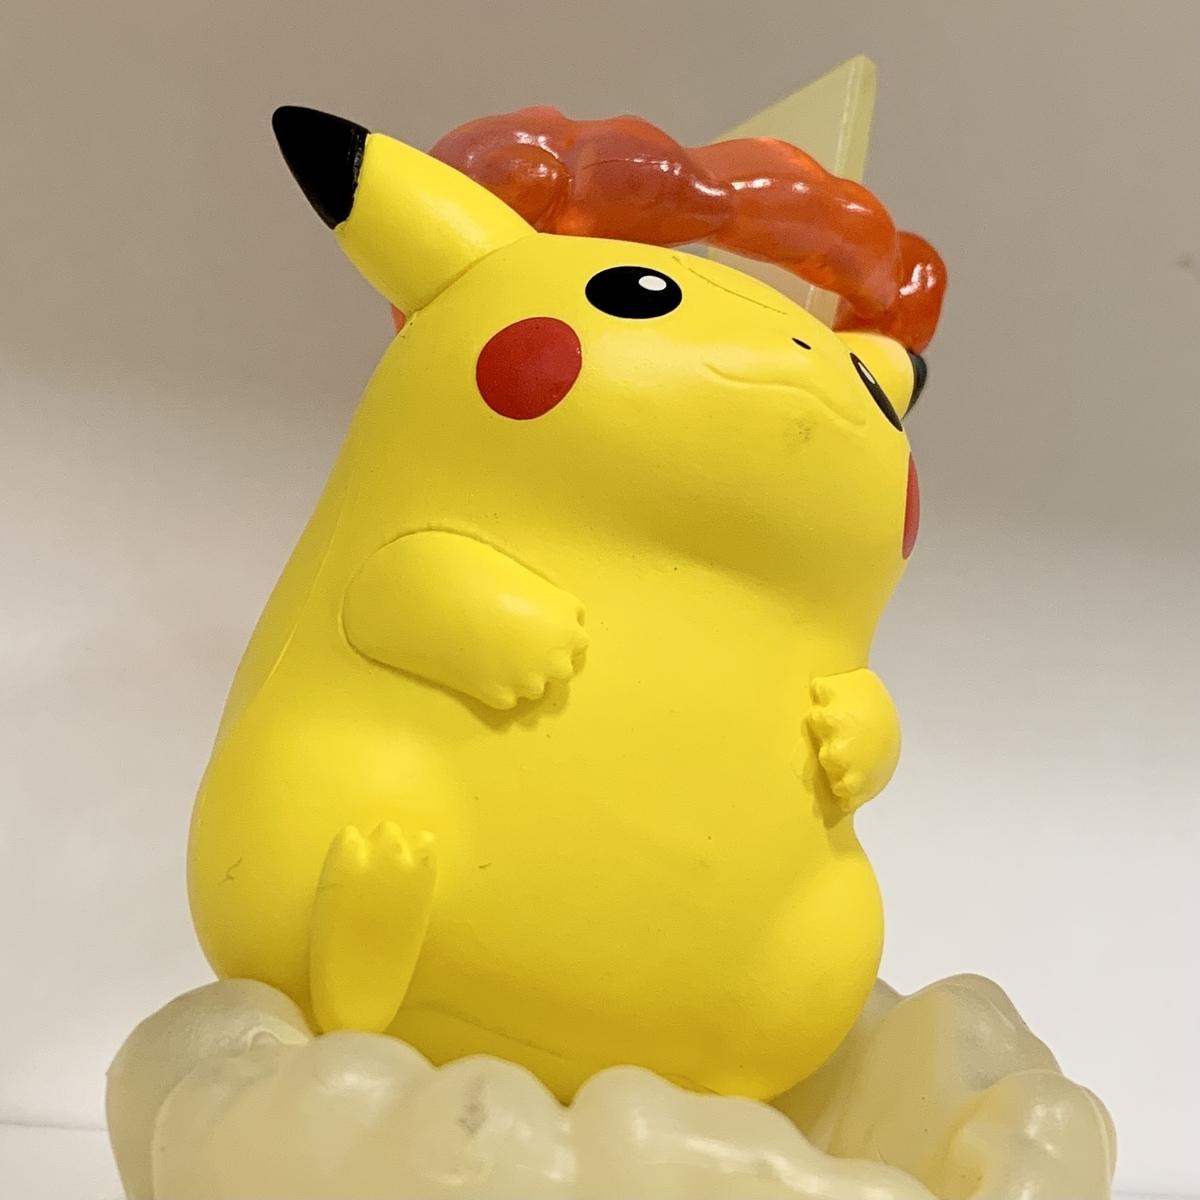 f:id:pikachu_pcn:20210911194114j:plain